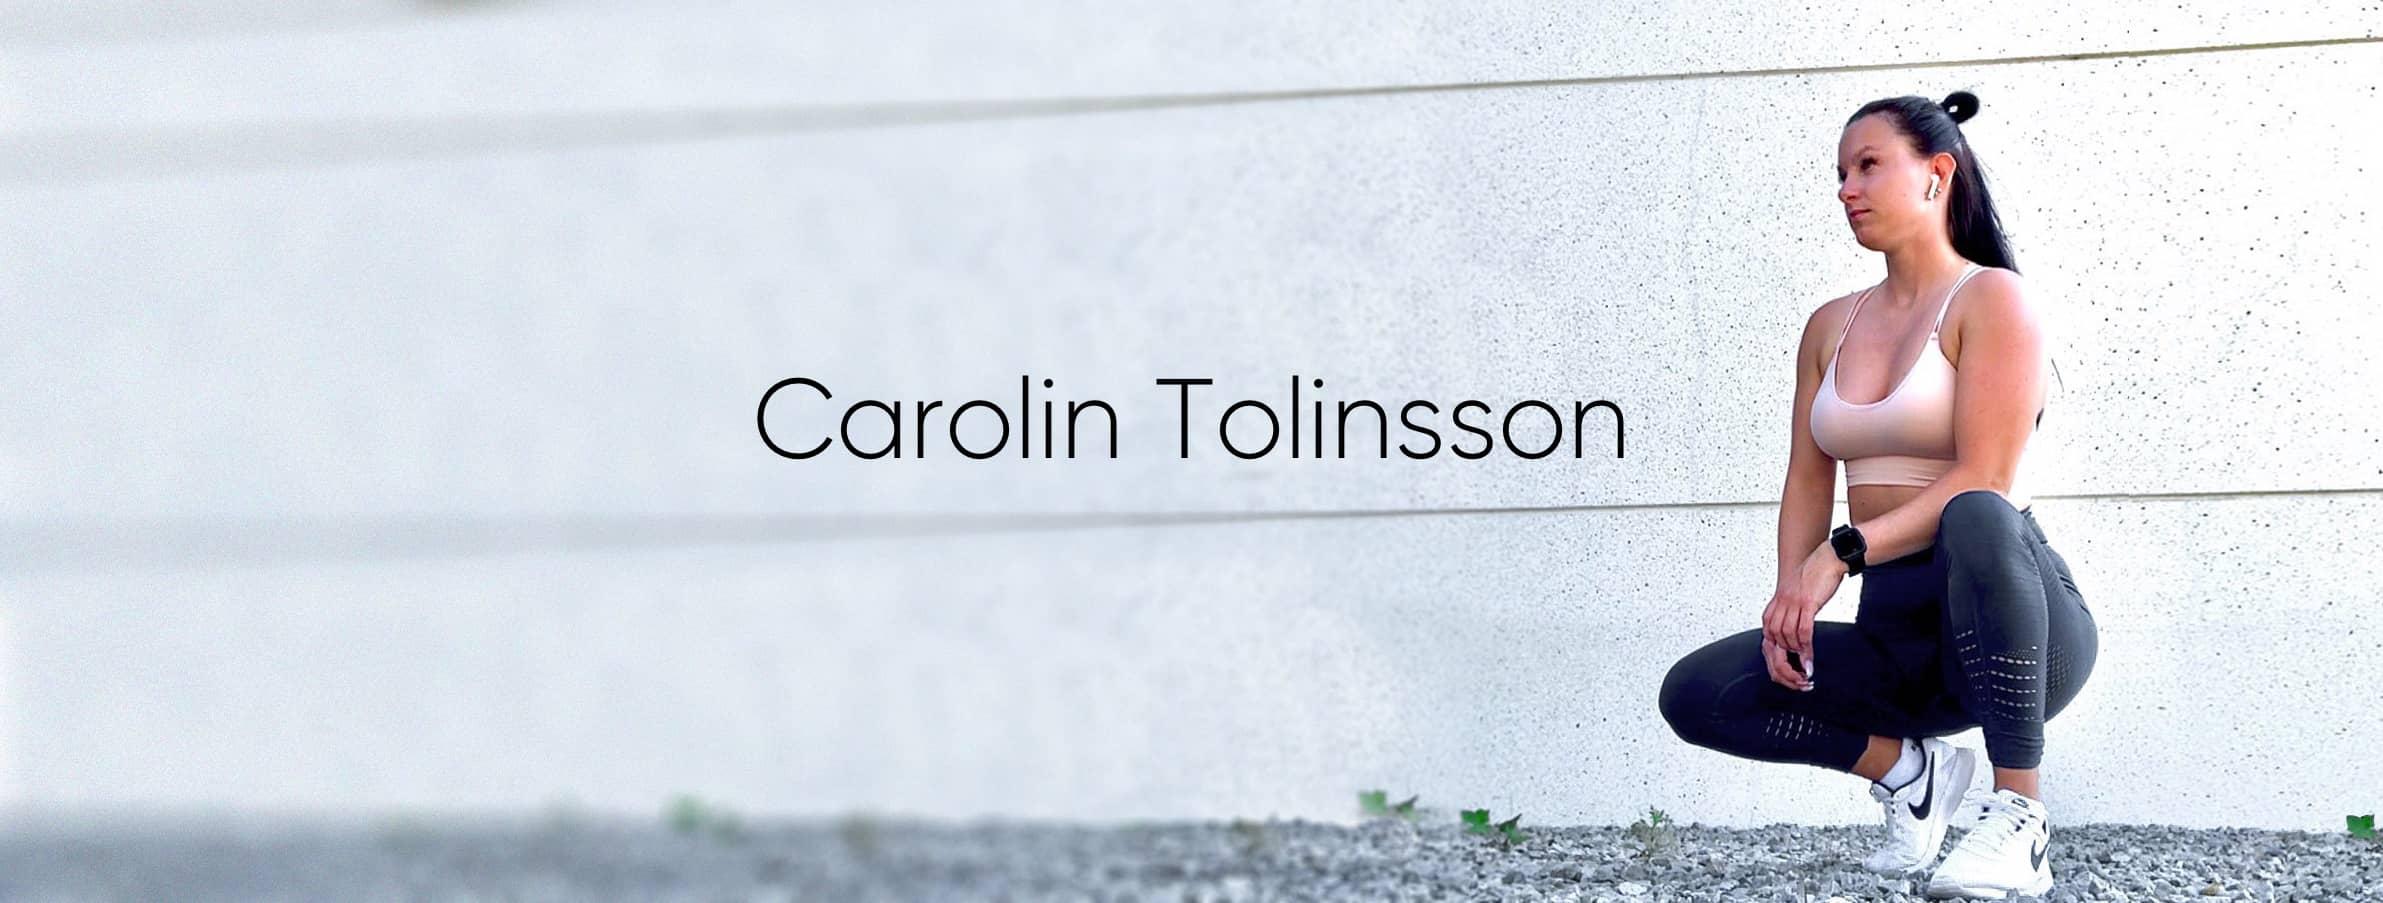 Carolin Tolinsson - Hälsa för både de inre och yttre